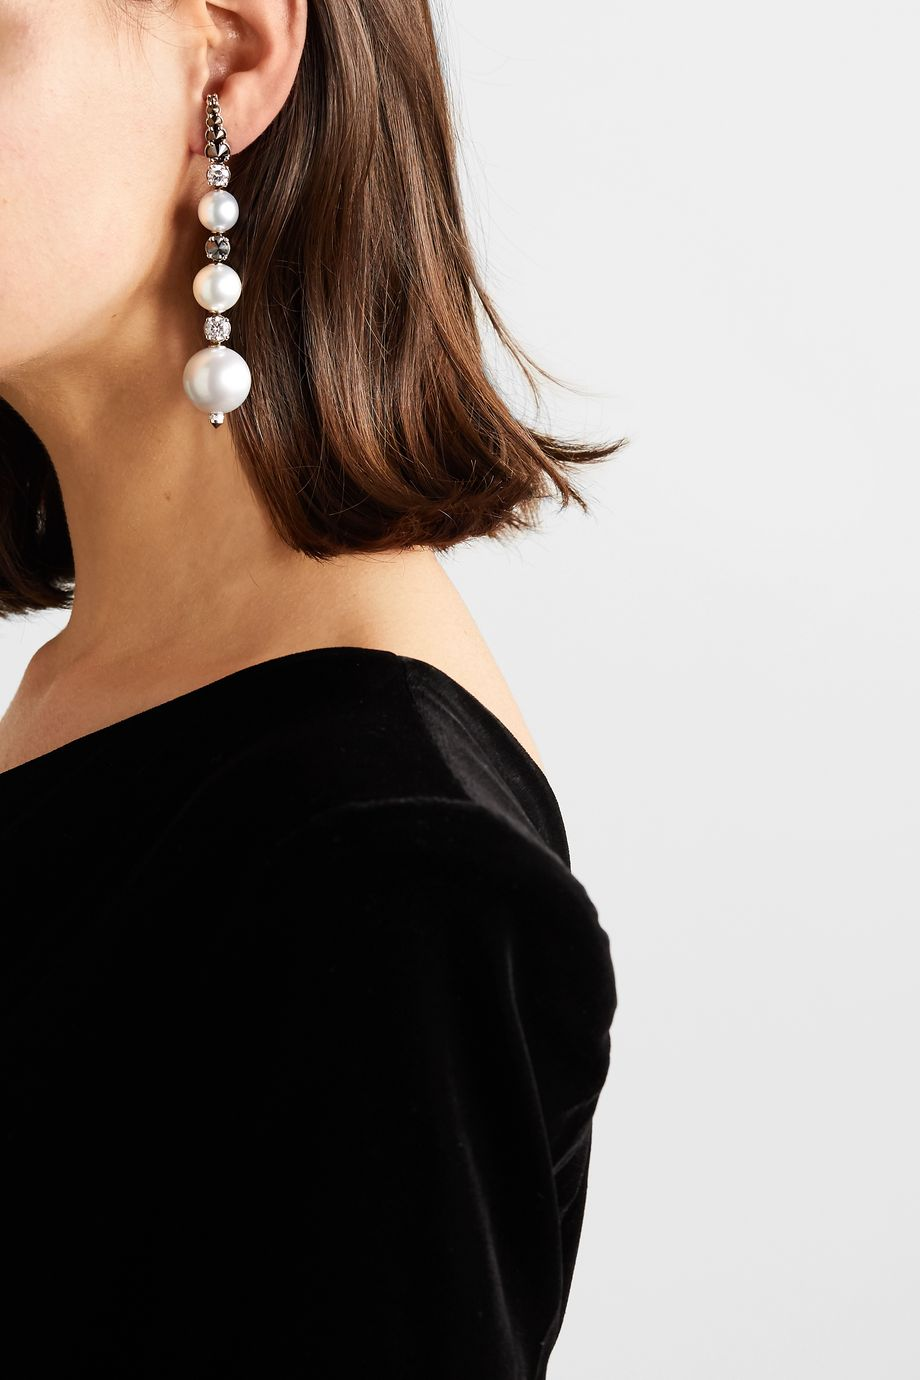 Ara Vartanian Ohrringe aus 18 Karat Weißgold mit Perlen und Diamanten